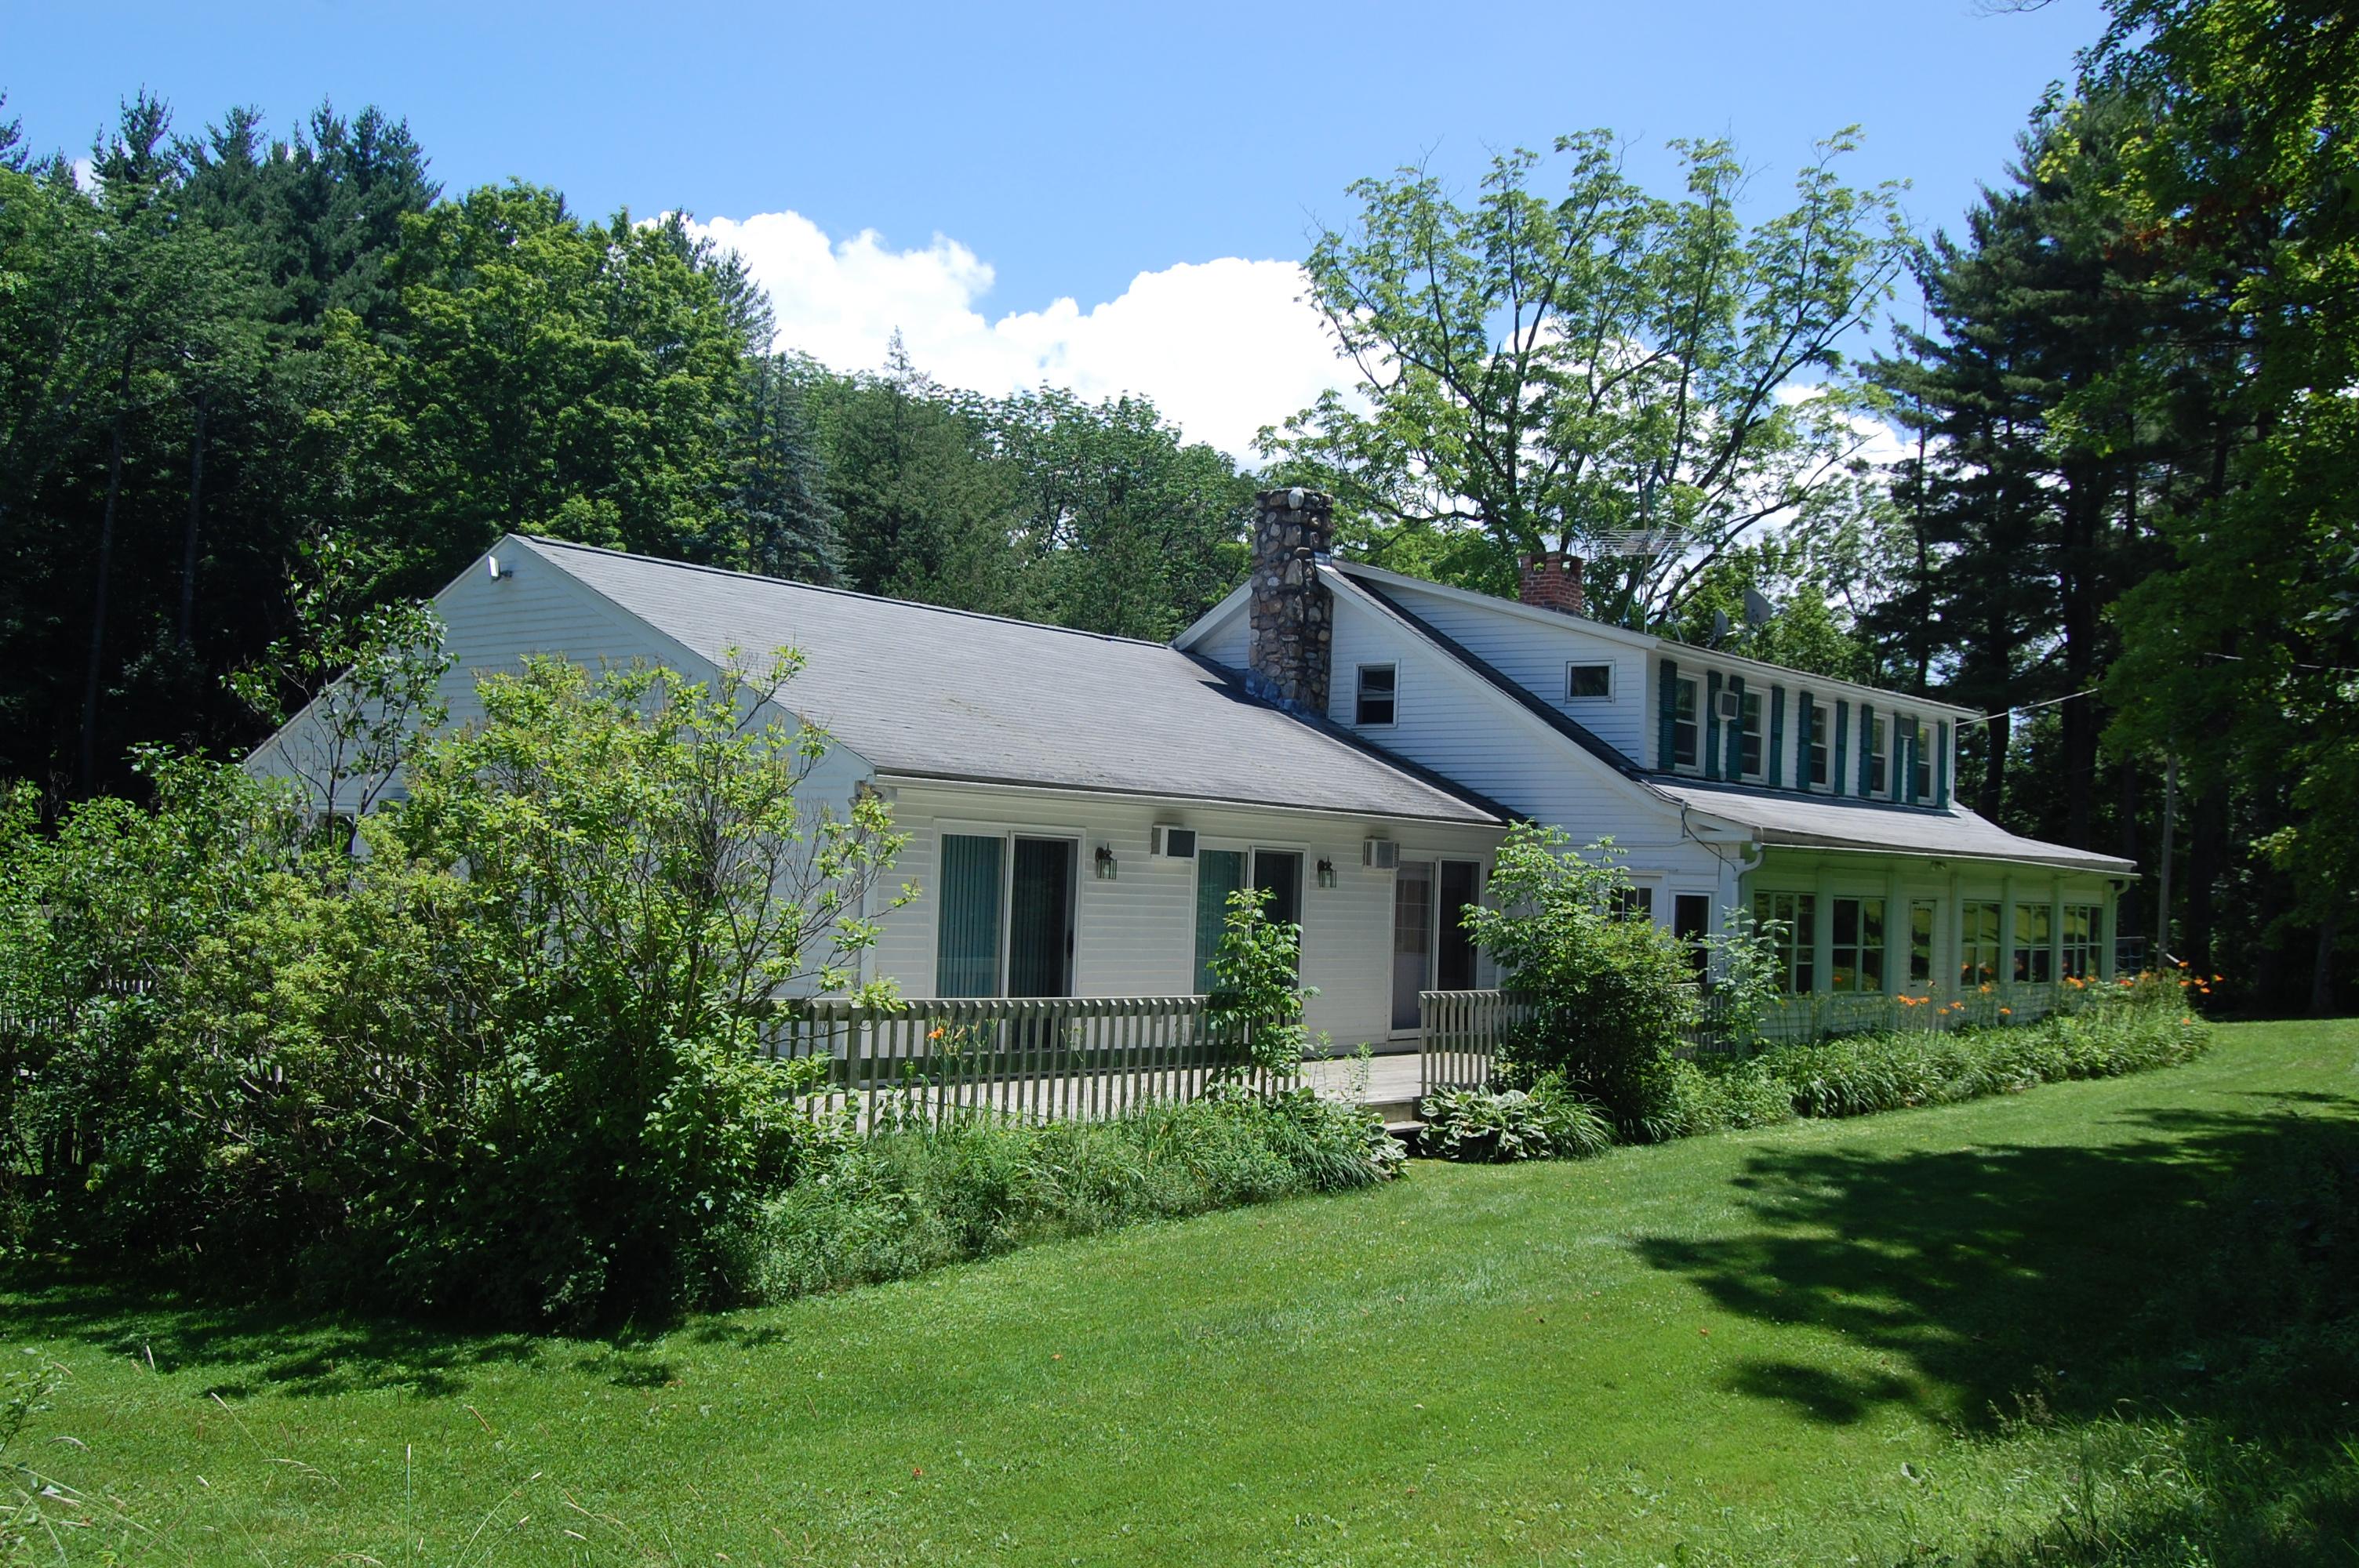 一戸建て のために 売買 アット 117 Pristine Berkshire Acres in Coveted Alford MA 216 Green River Rd Alford, マサチューセッツ, 01266 アメリカ合衆国